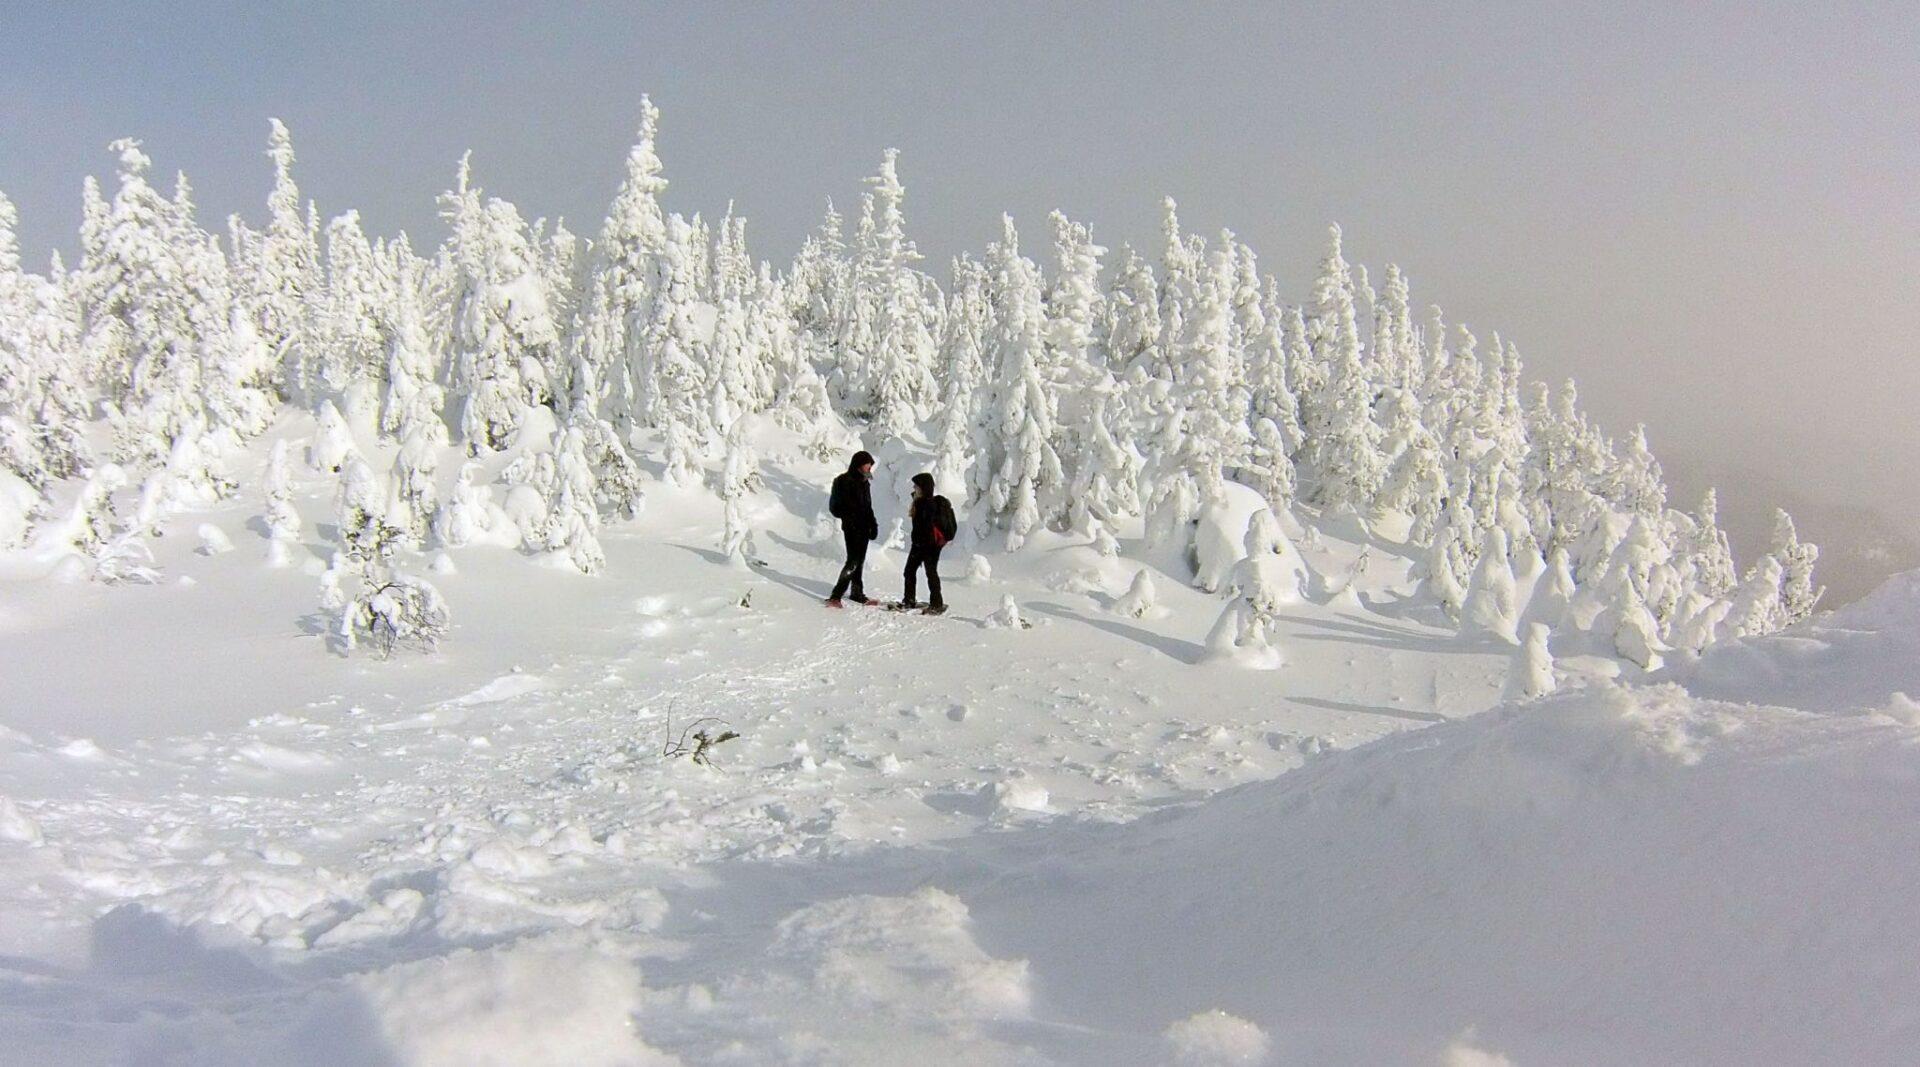 mont valin en hiver - voyage raquette - voyage randonnée hiver